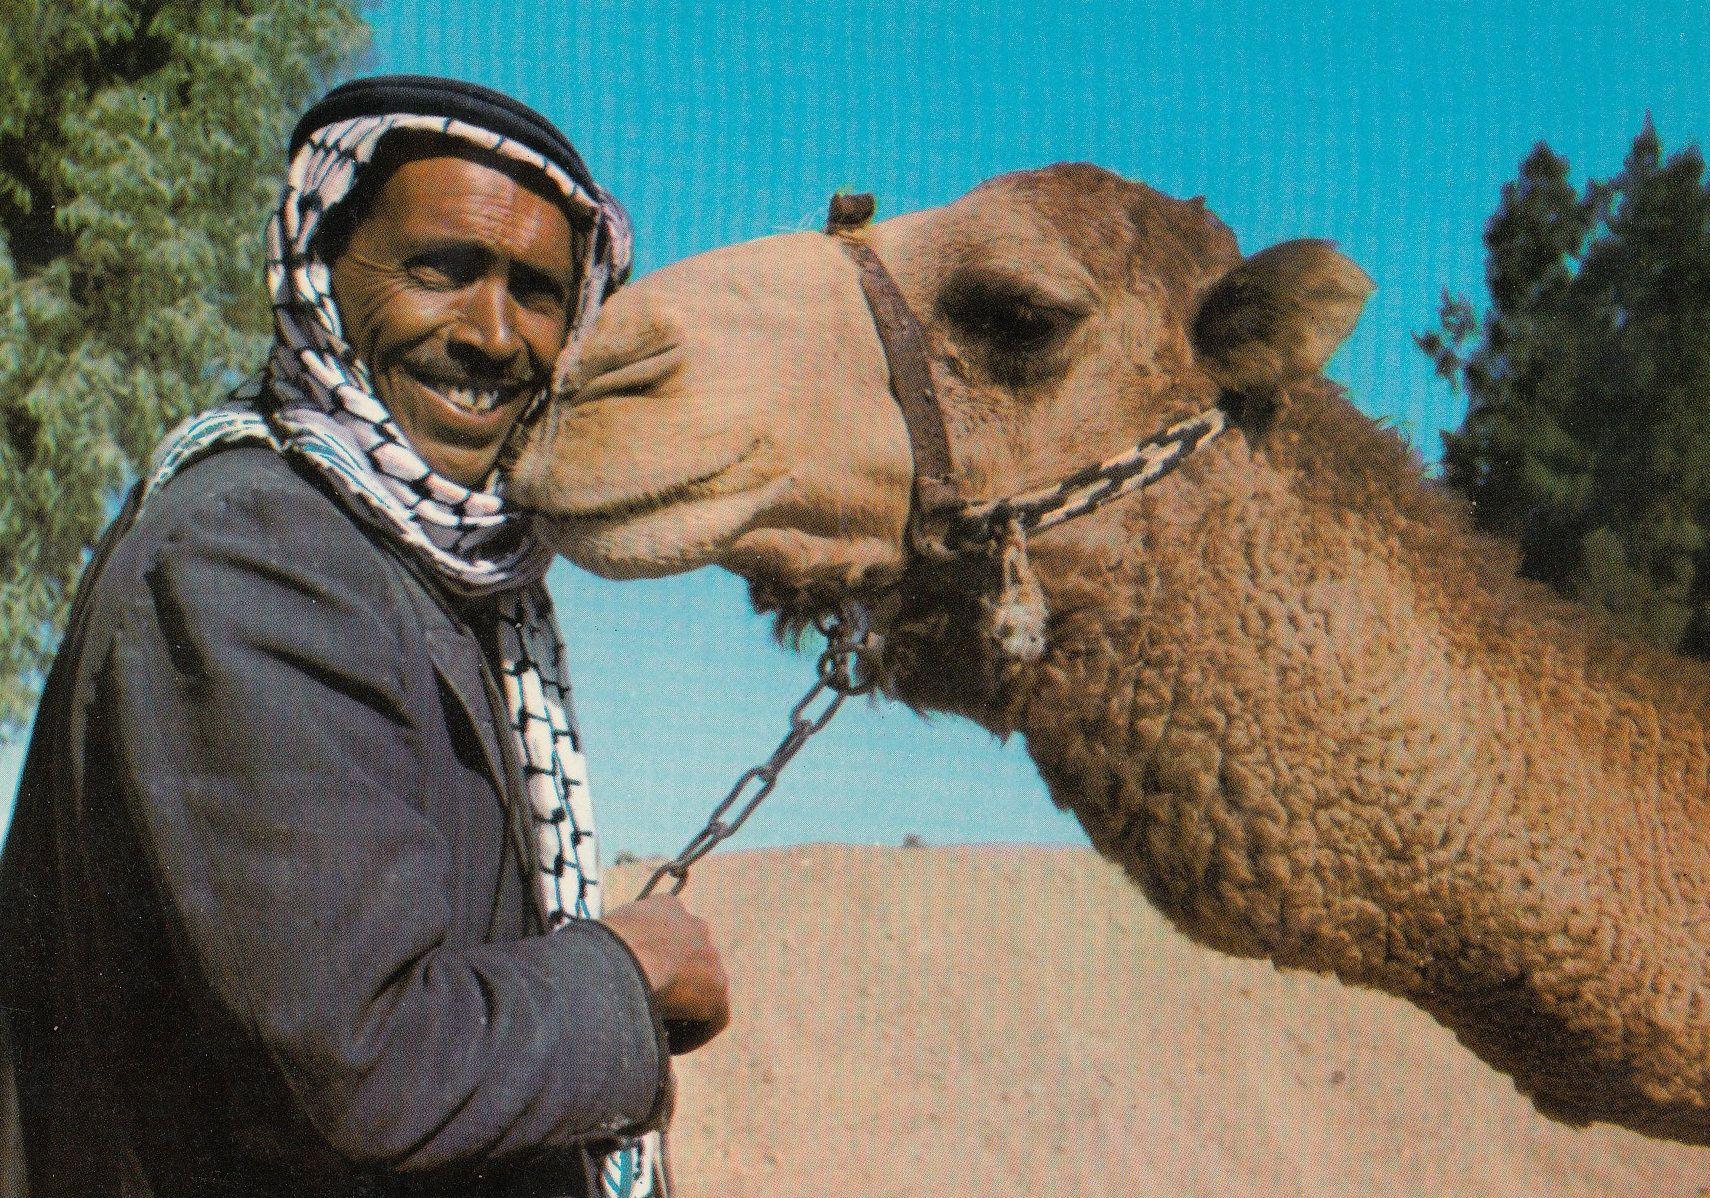 True livestock love: bedouin and best friend